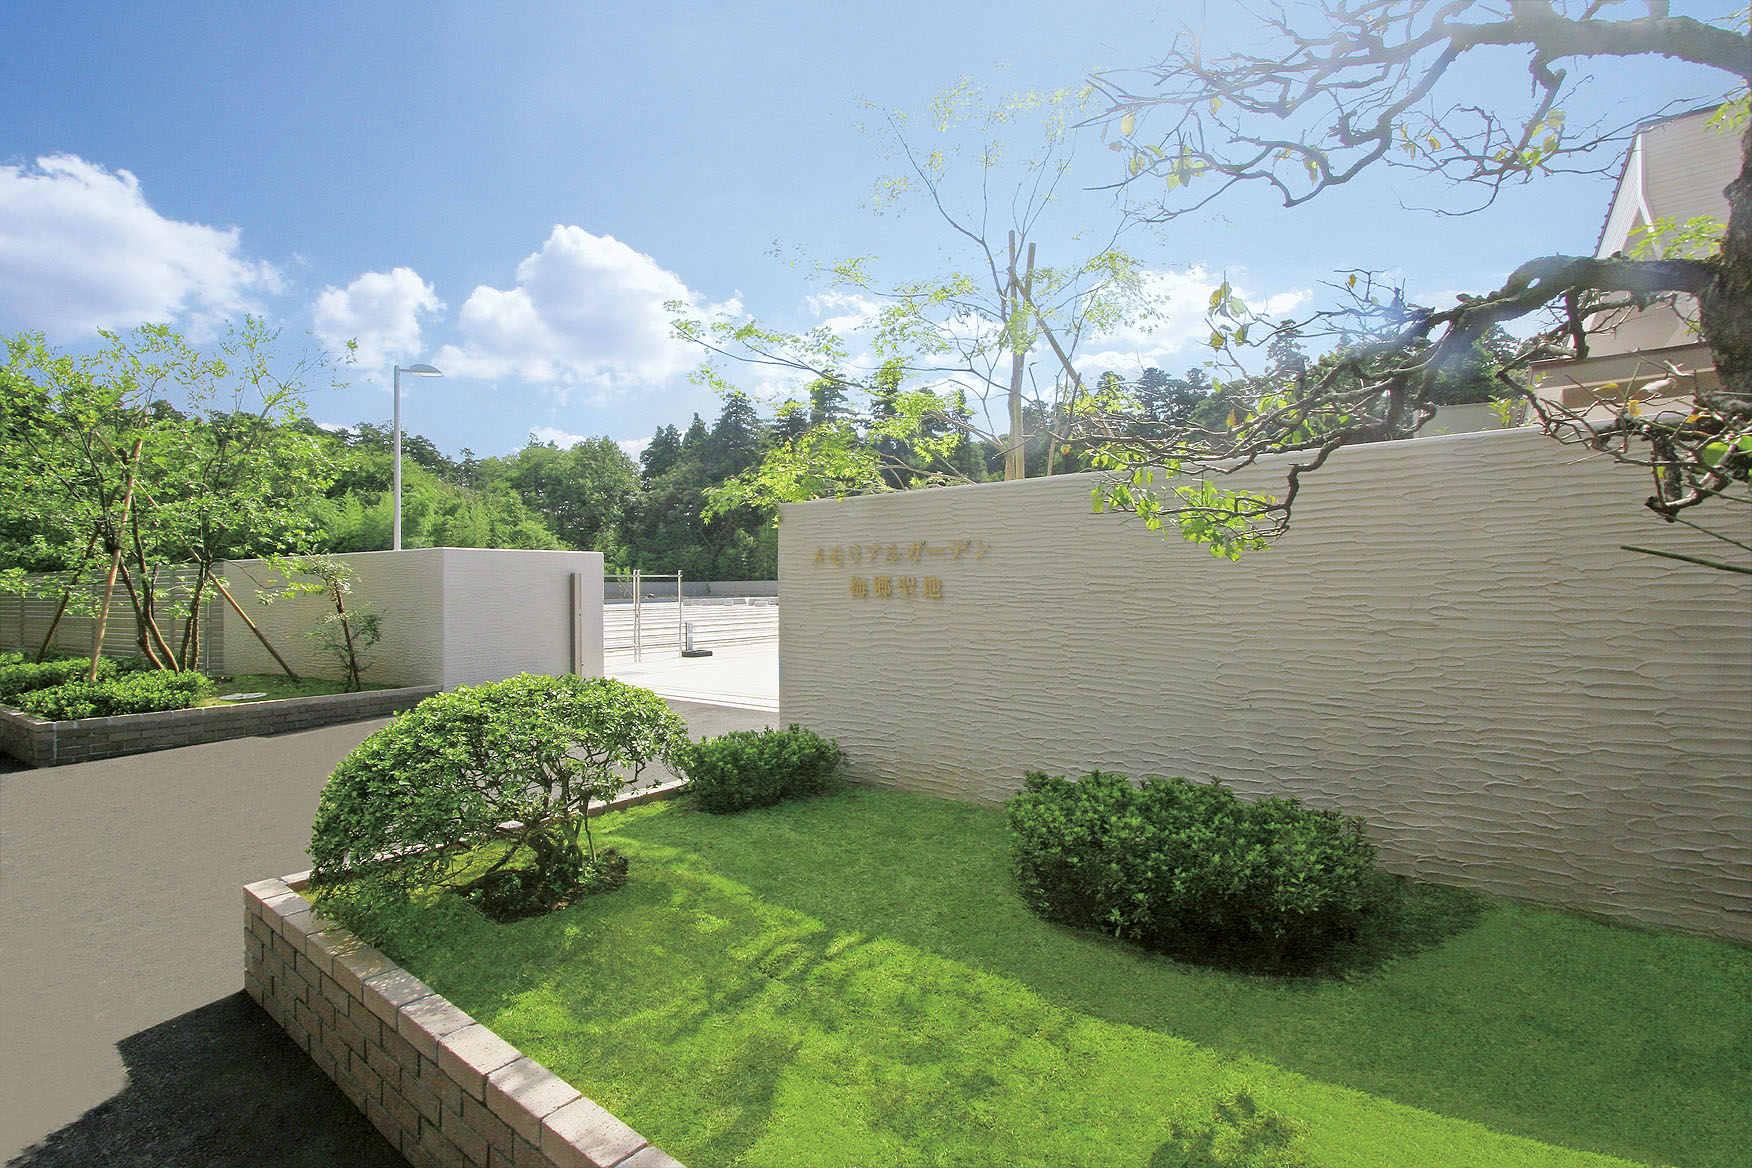 メモリアルガーデン梅郷聖地の画像1